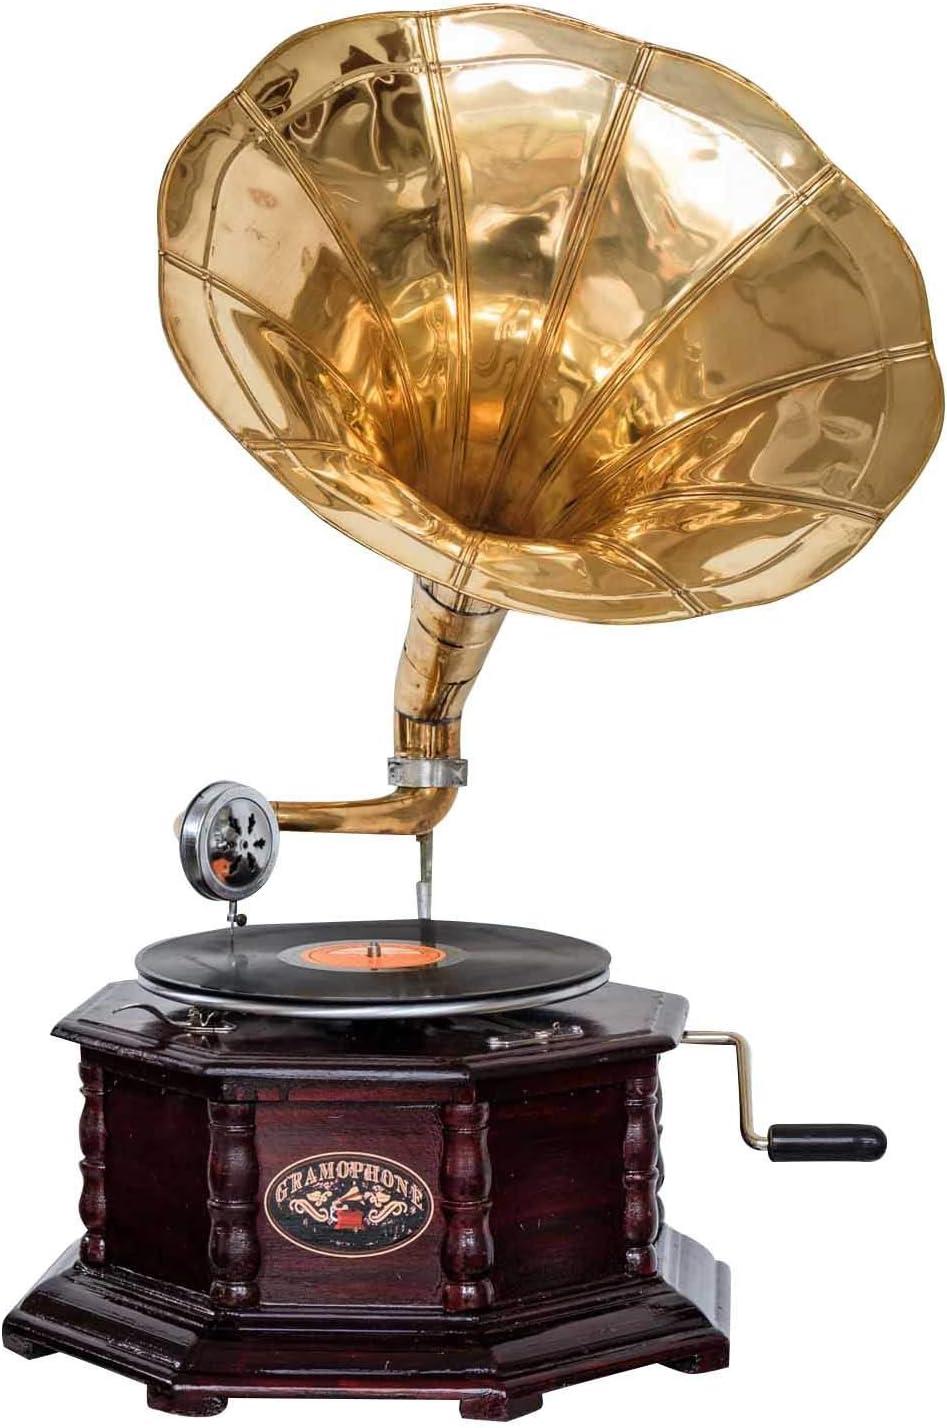 Nostalgia gramófono gramófono embudo de estilo antiguo decoración h